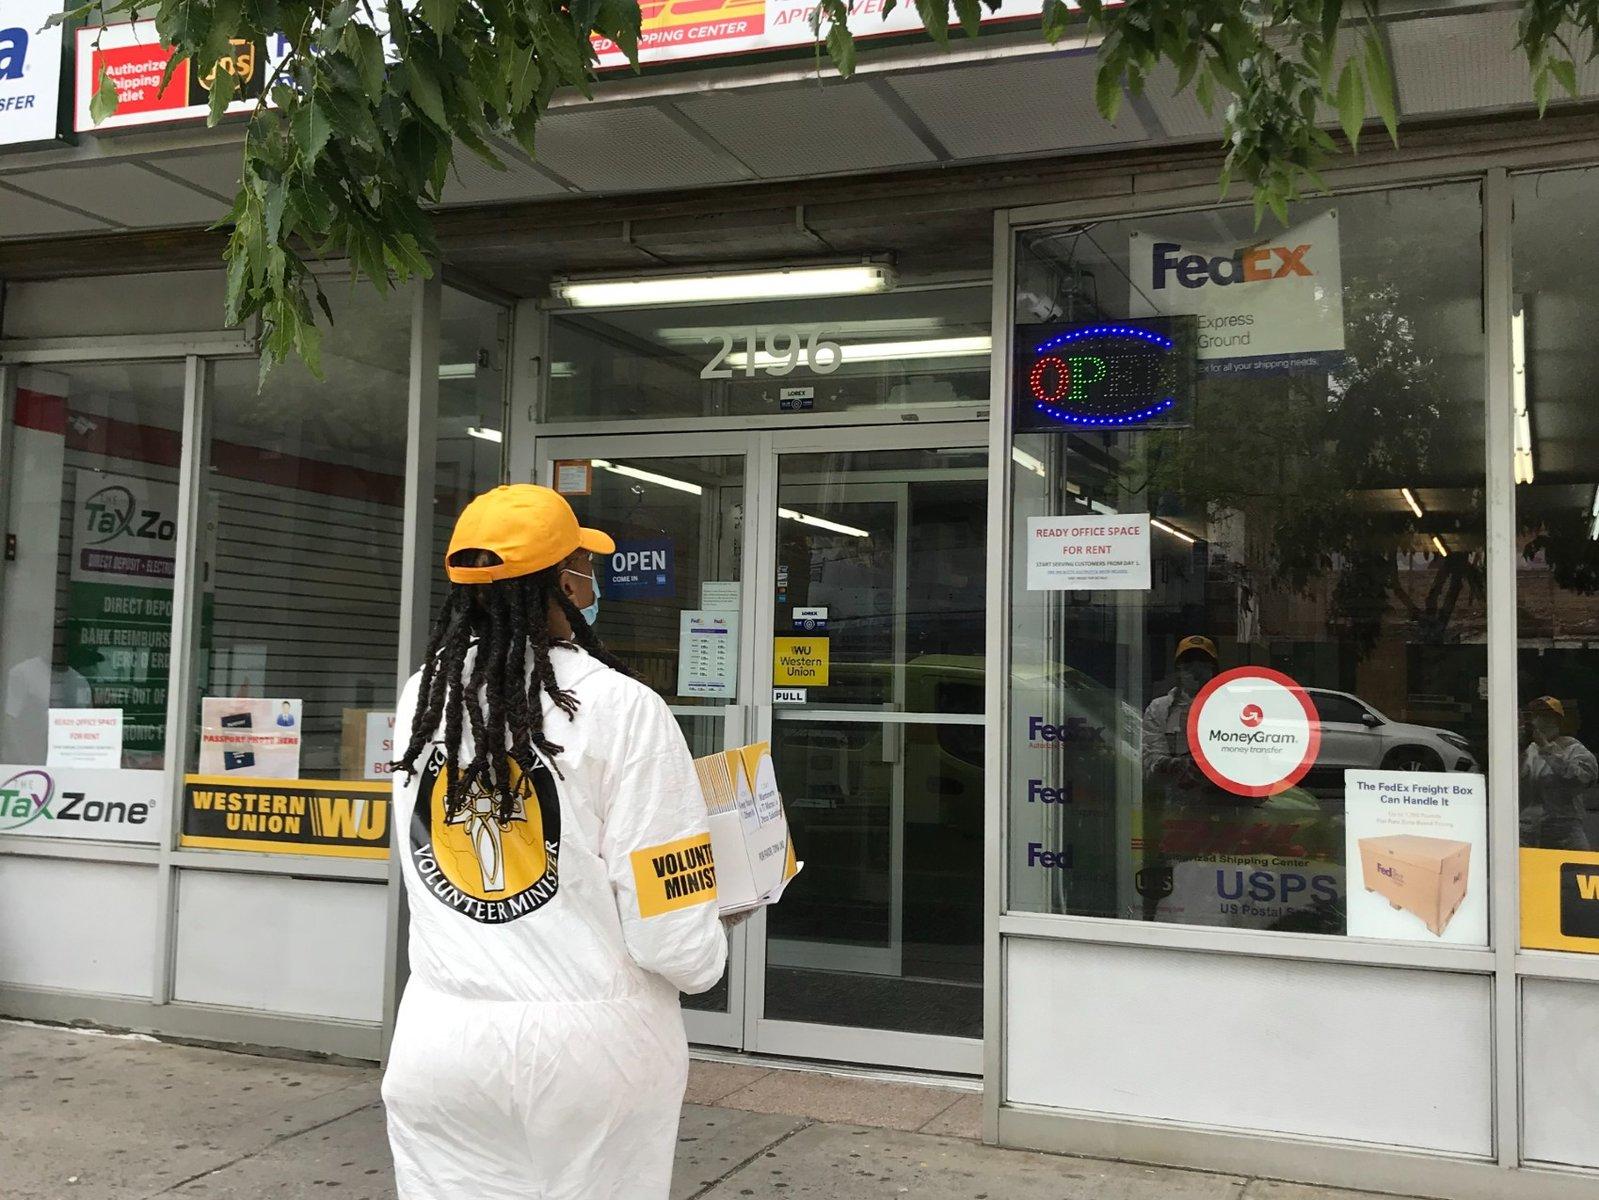 scientologičtí dobrovolníci se vydali do ulic s důležitými informacemi, aby pomohli sousedům vyhnout se druhé vlně pandemie COVID-19